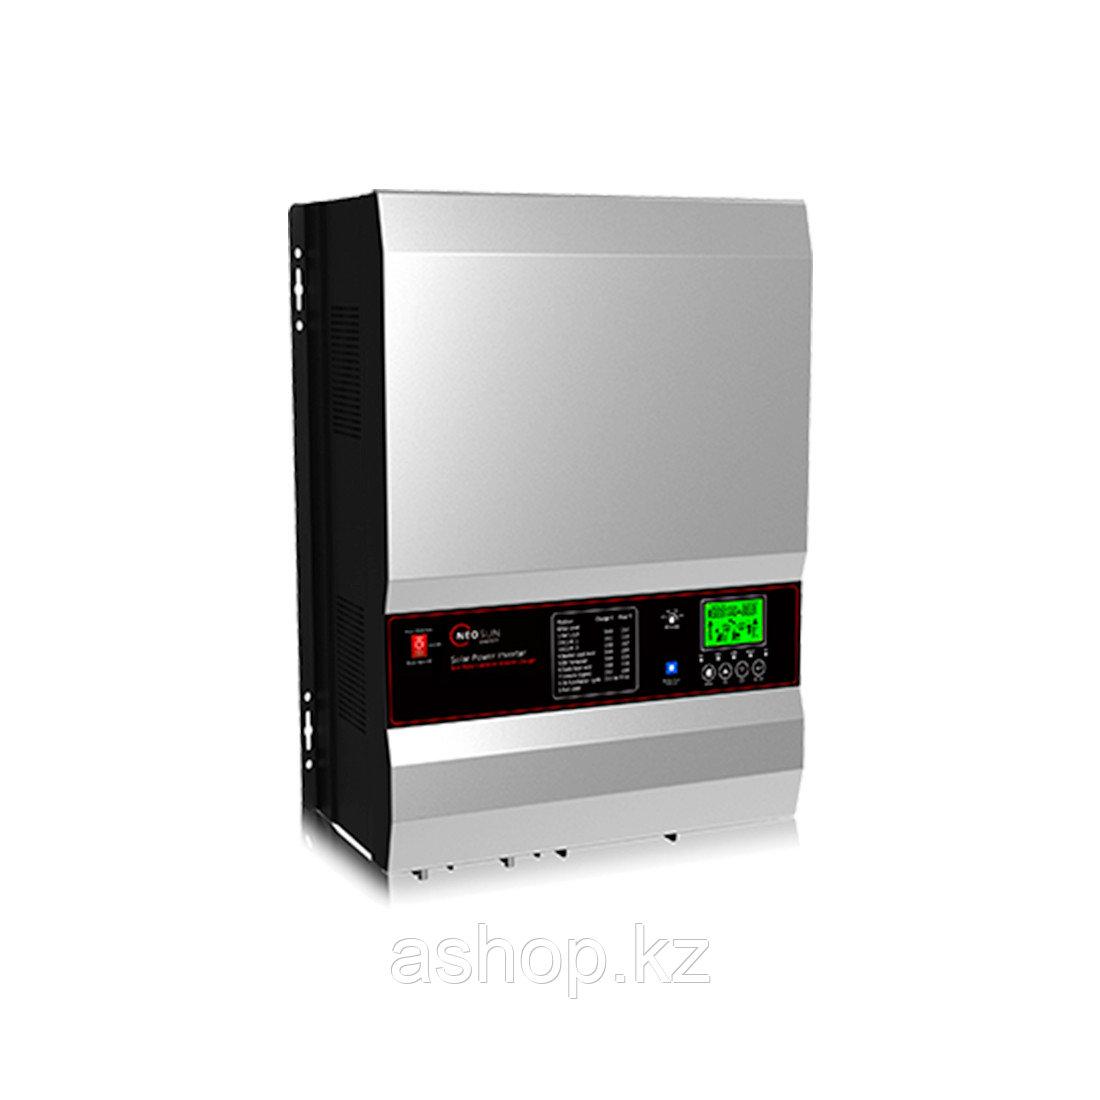 Инвертор NEOSUN PVL-5K, Мощность нагрузки: 5 кВА, Питание: 220 В, 50 Гц, Выход: 220 В, Клемма, Чёрный